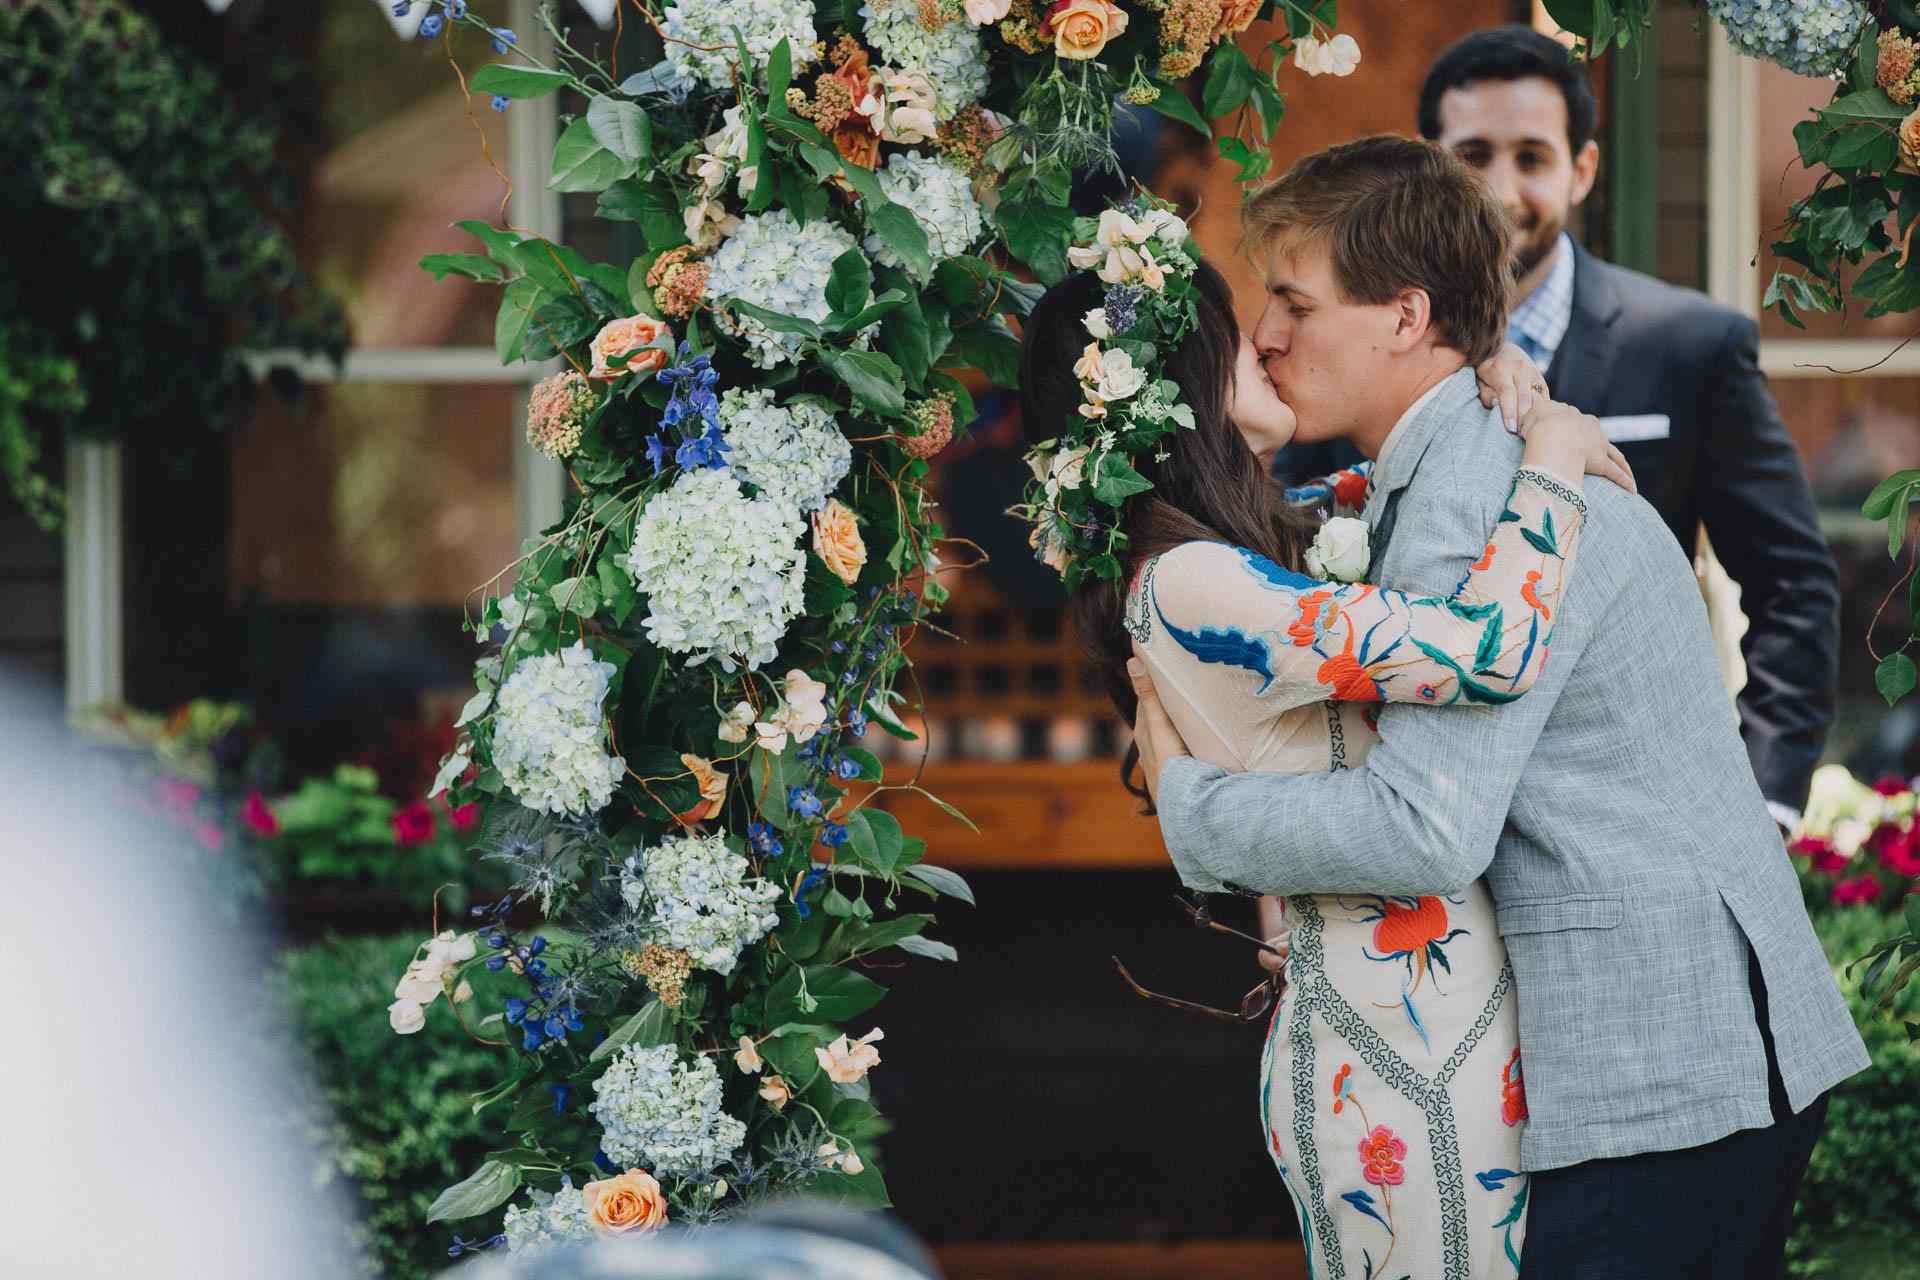 Megan-Paul-Ohio-English-Garden-Wedding-044@2x.jpg